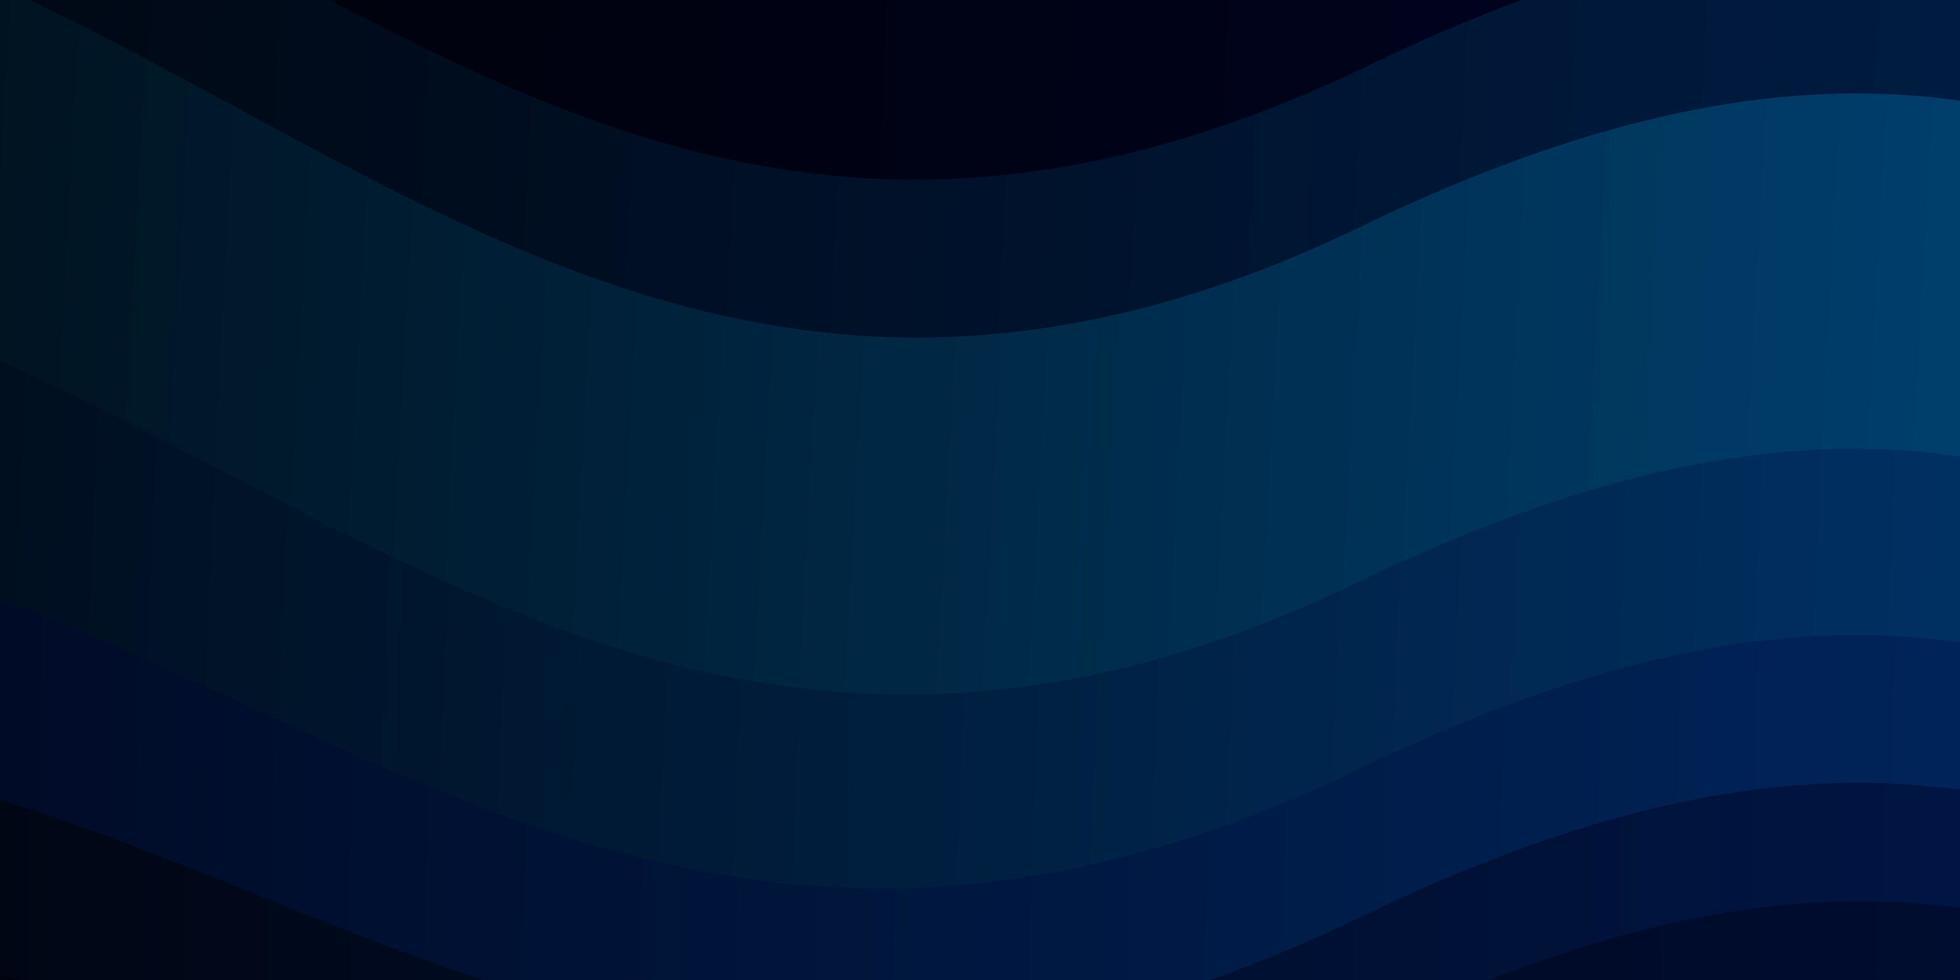 dunkelblaue Vorlage mit schiefen Linien. vektor